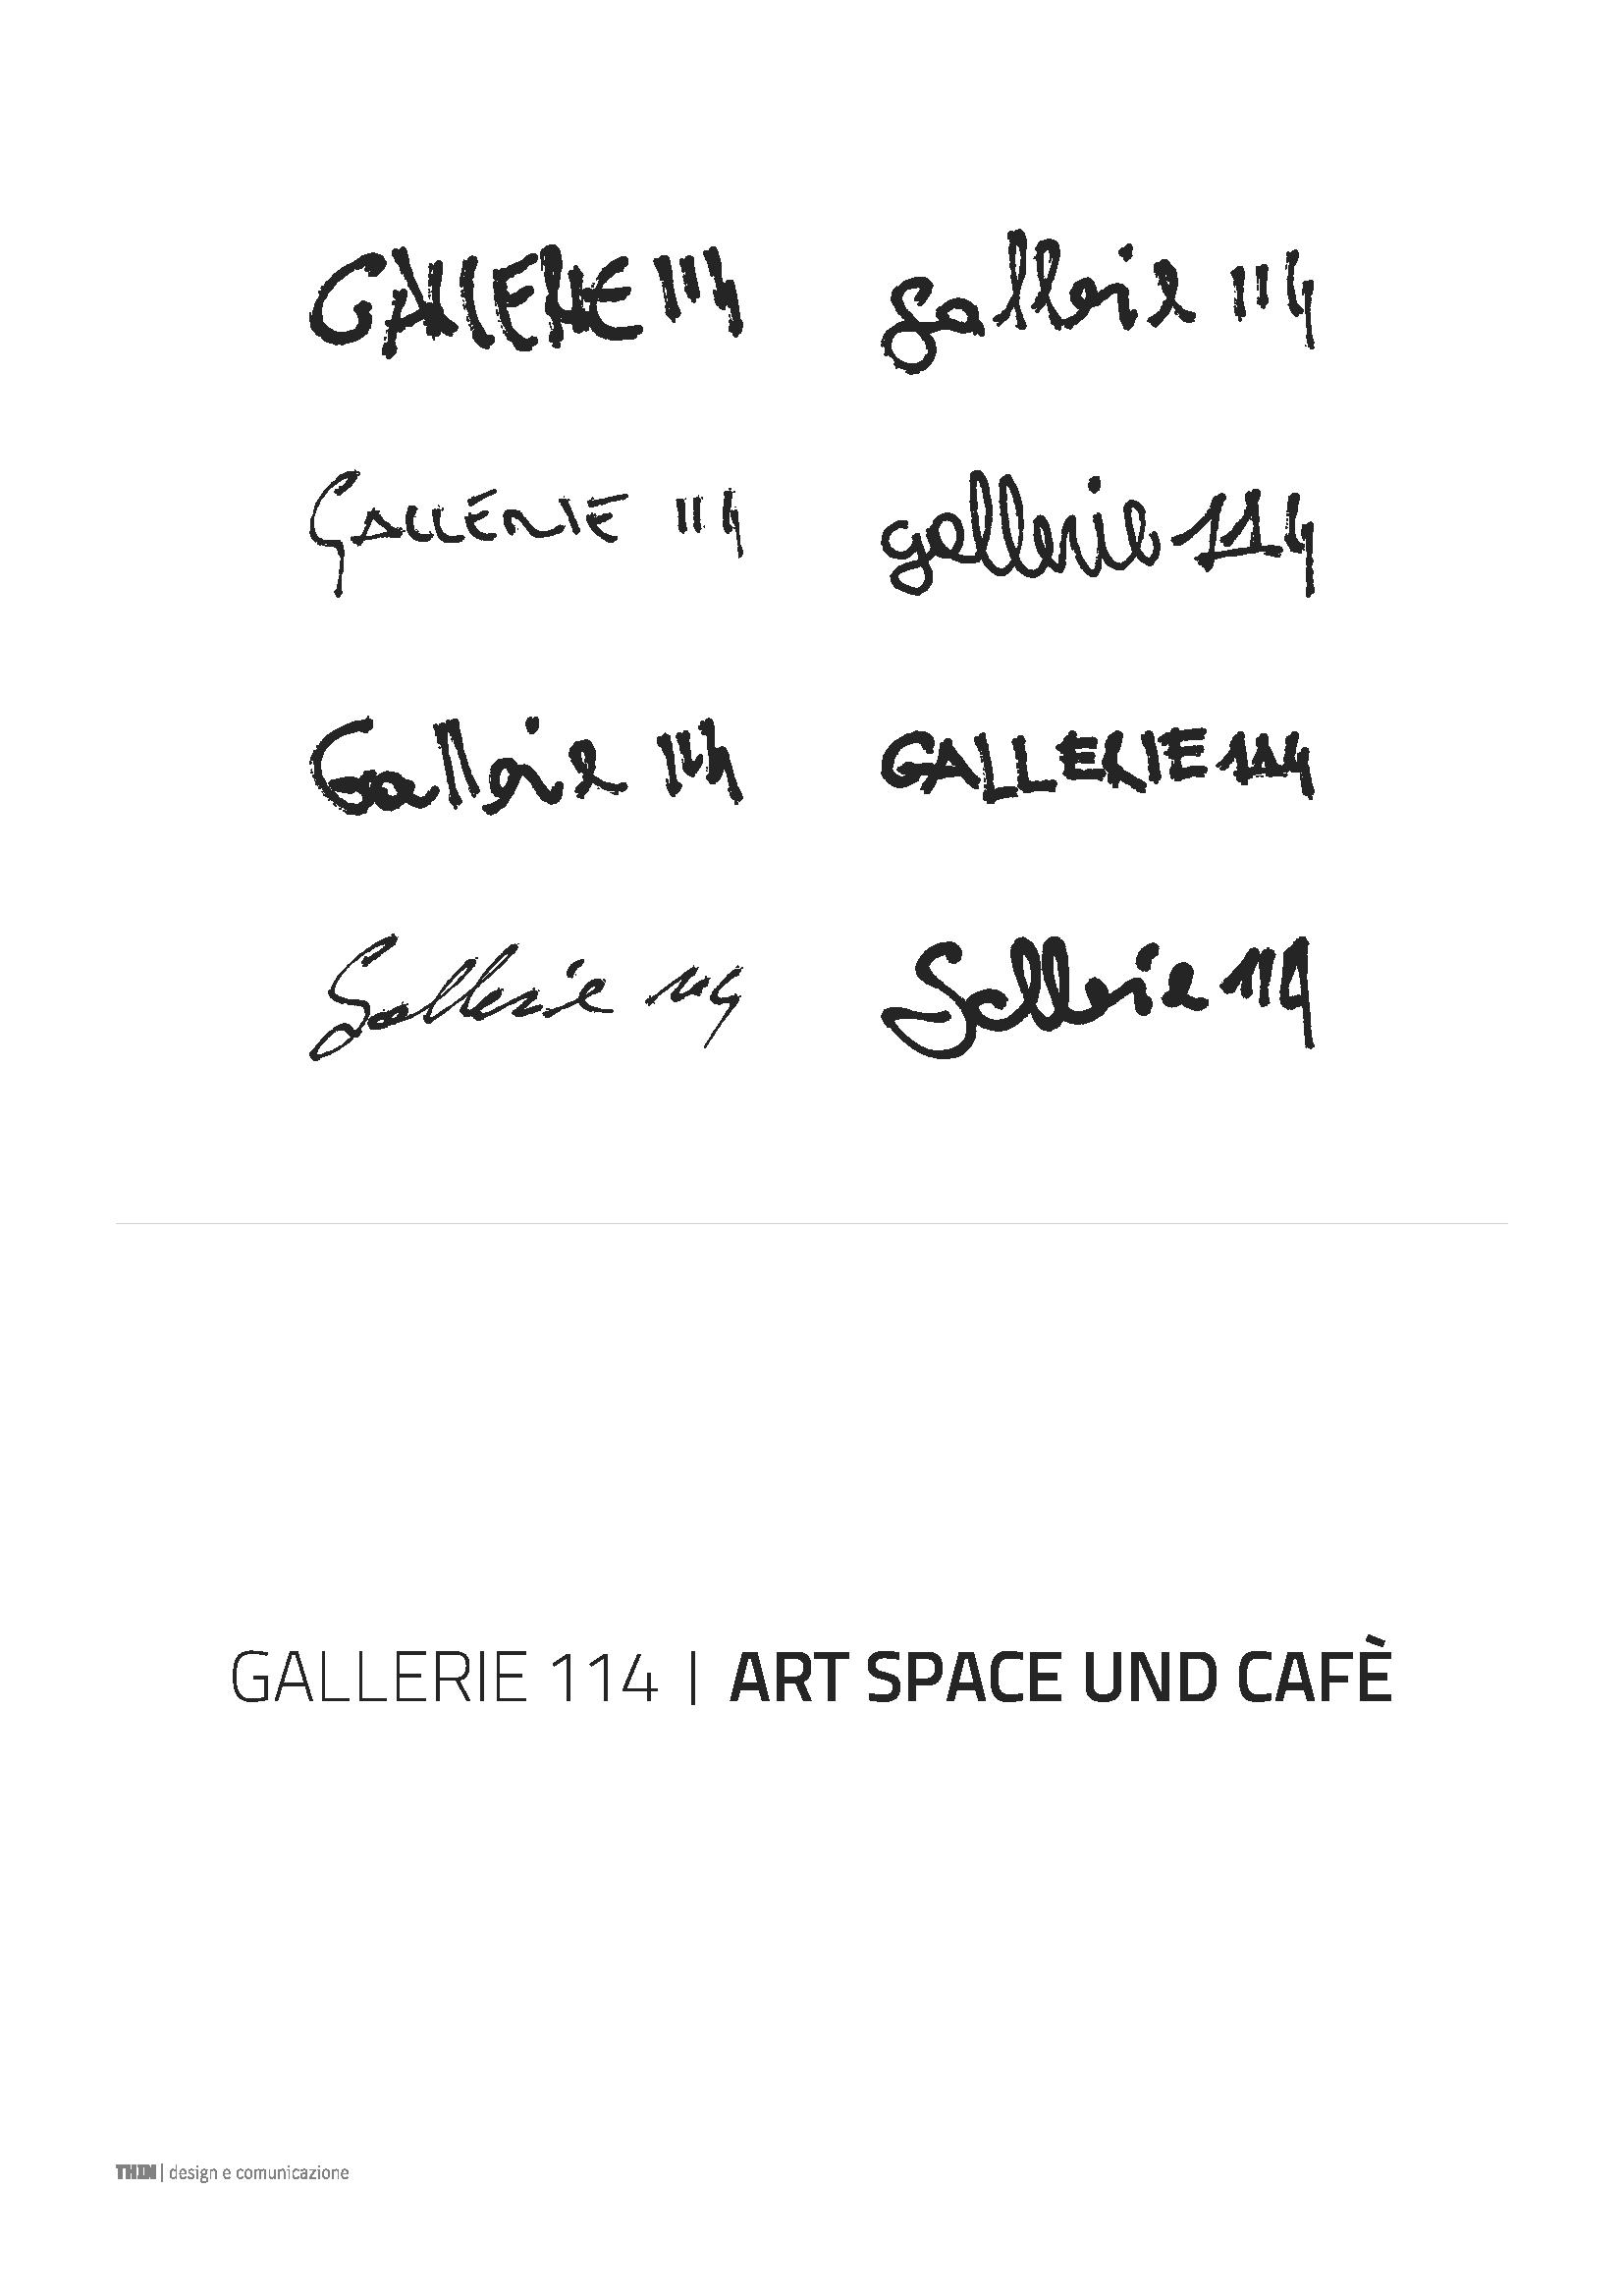 Gallerie 114. Logo